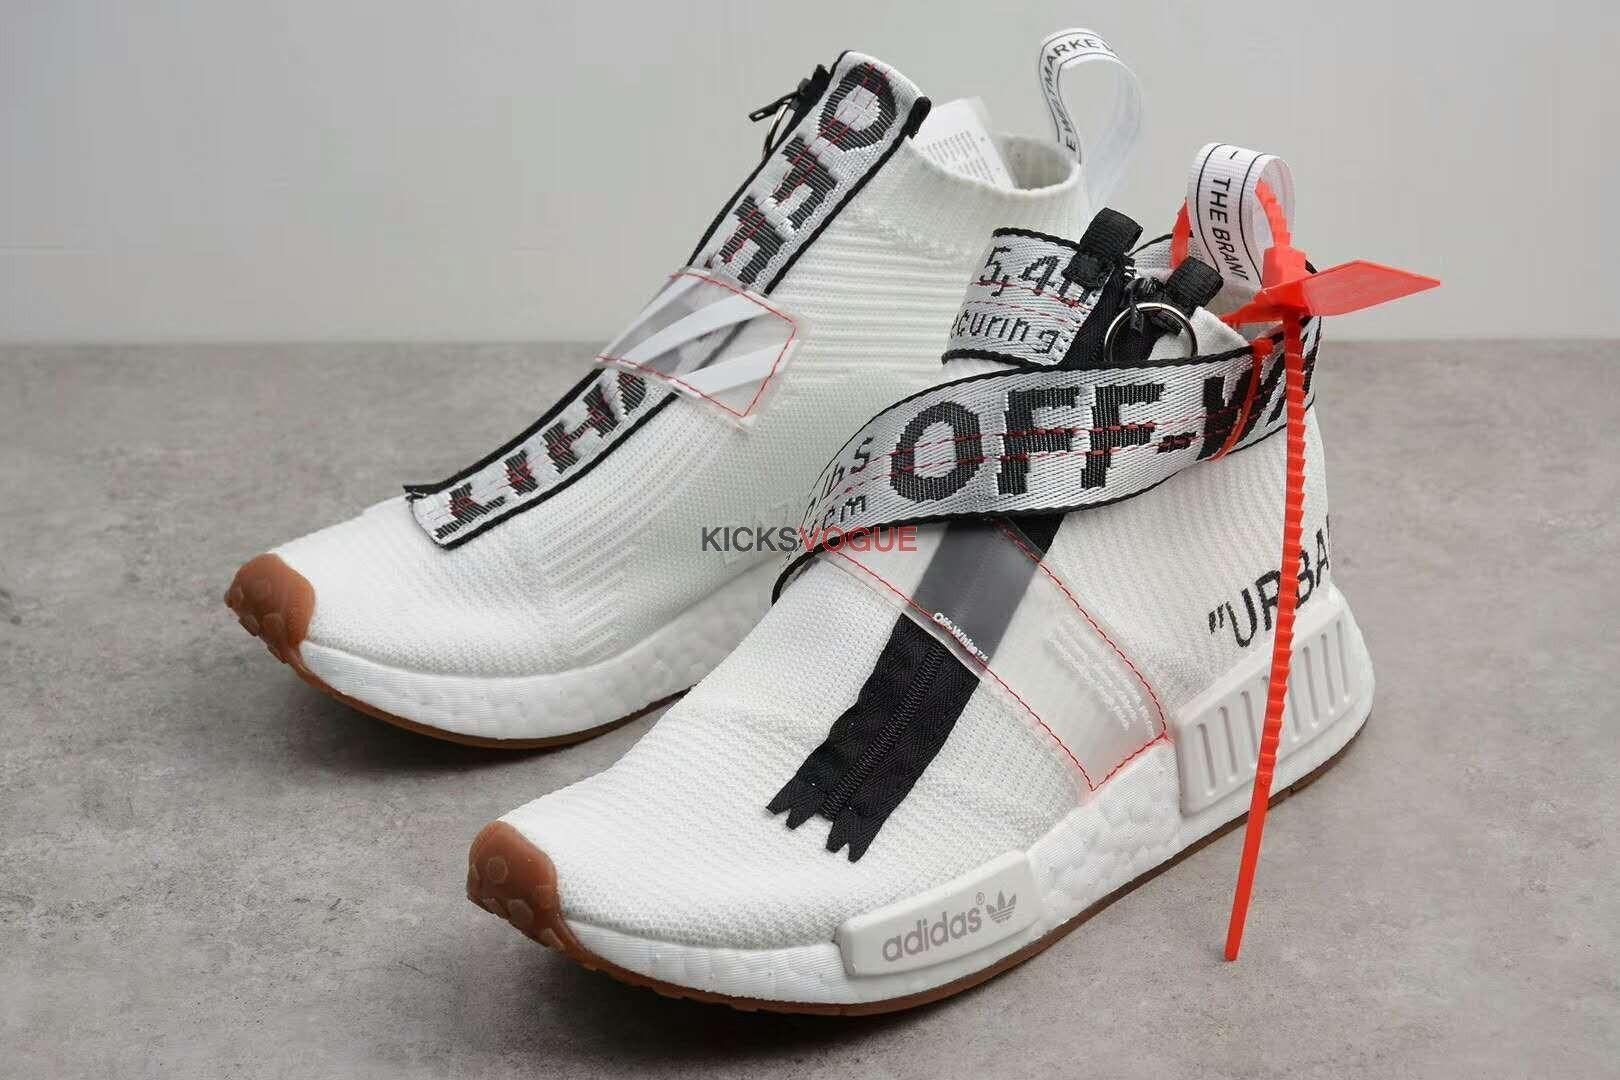 7e66301da46d7 OFF-WHITE x adidas Originals NMD City Sock Customs